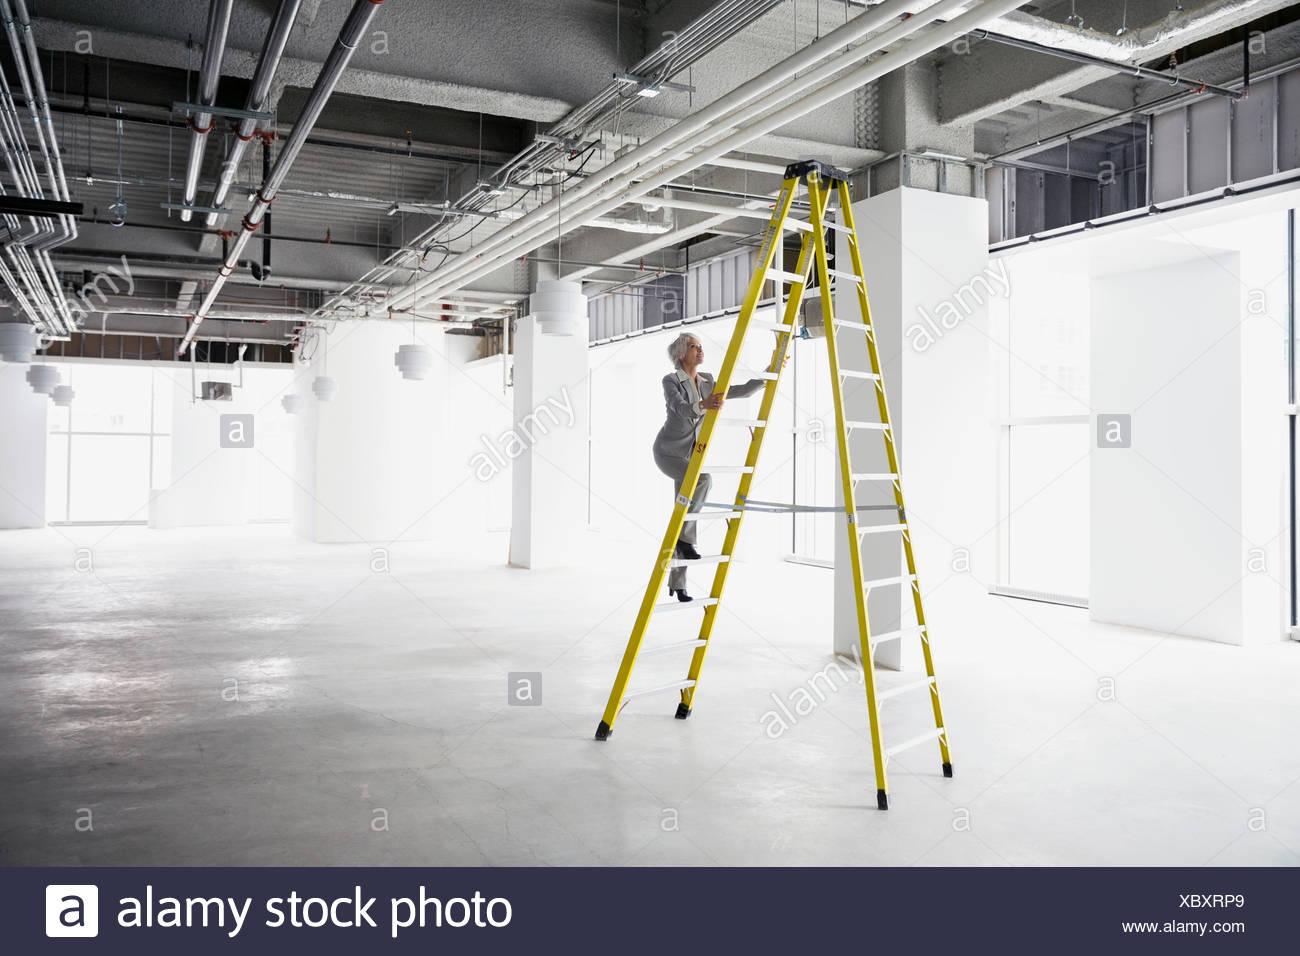 Imprenditrice scaletta di arrampicata in ufficio vuoto Immagini Stock